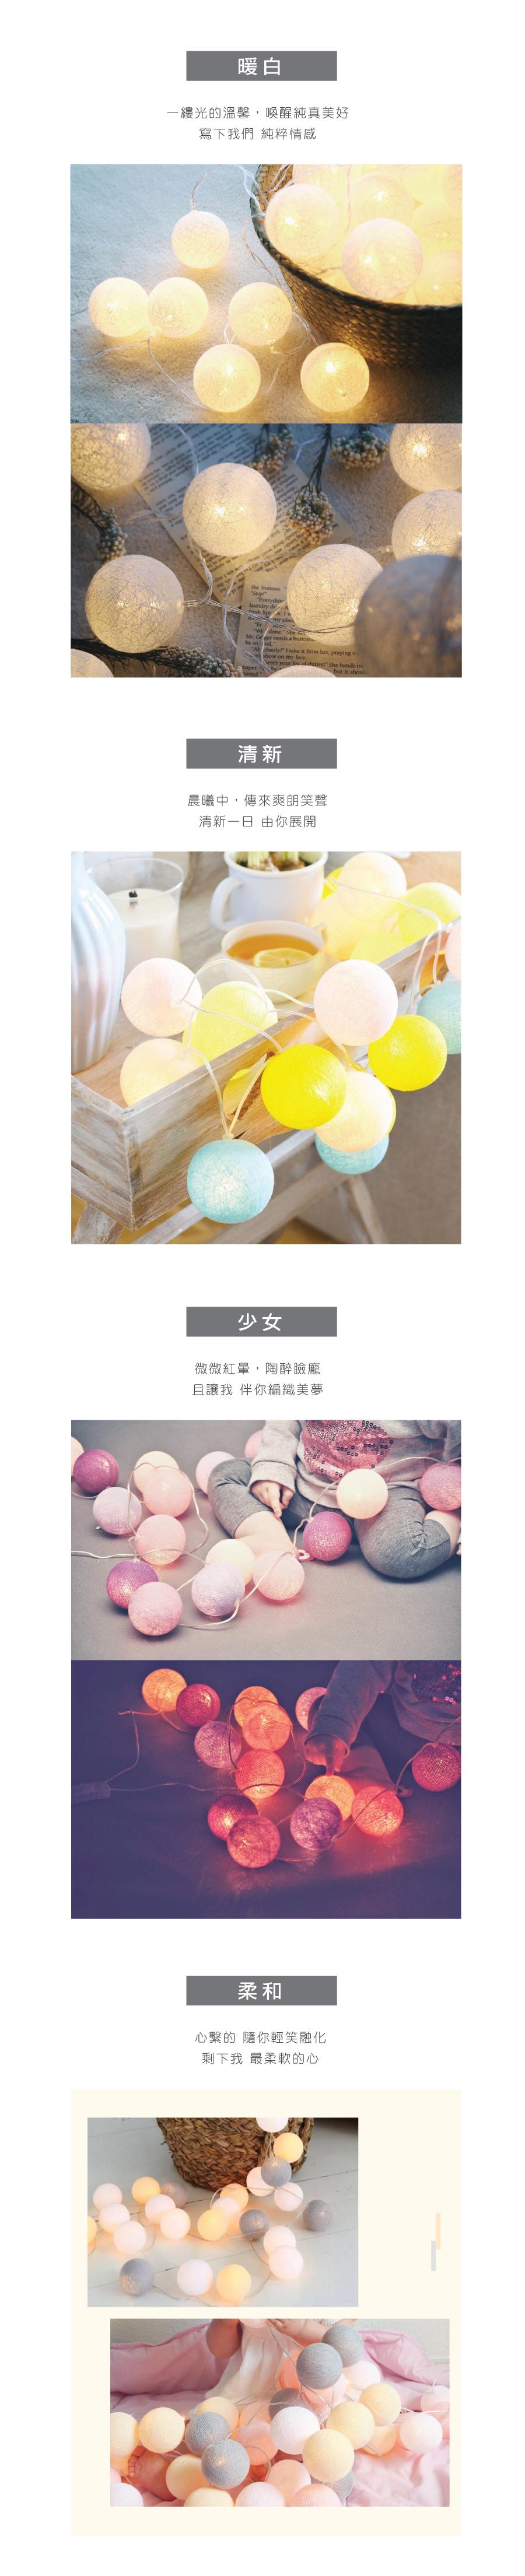 球燈2.jpg